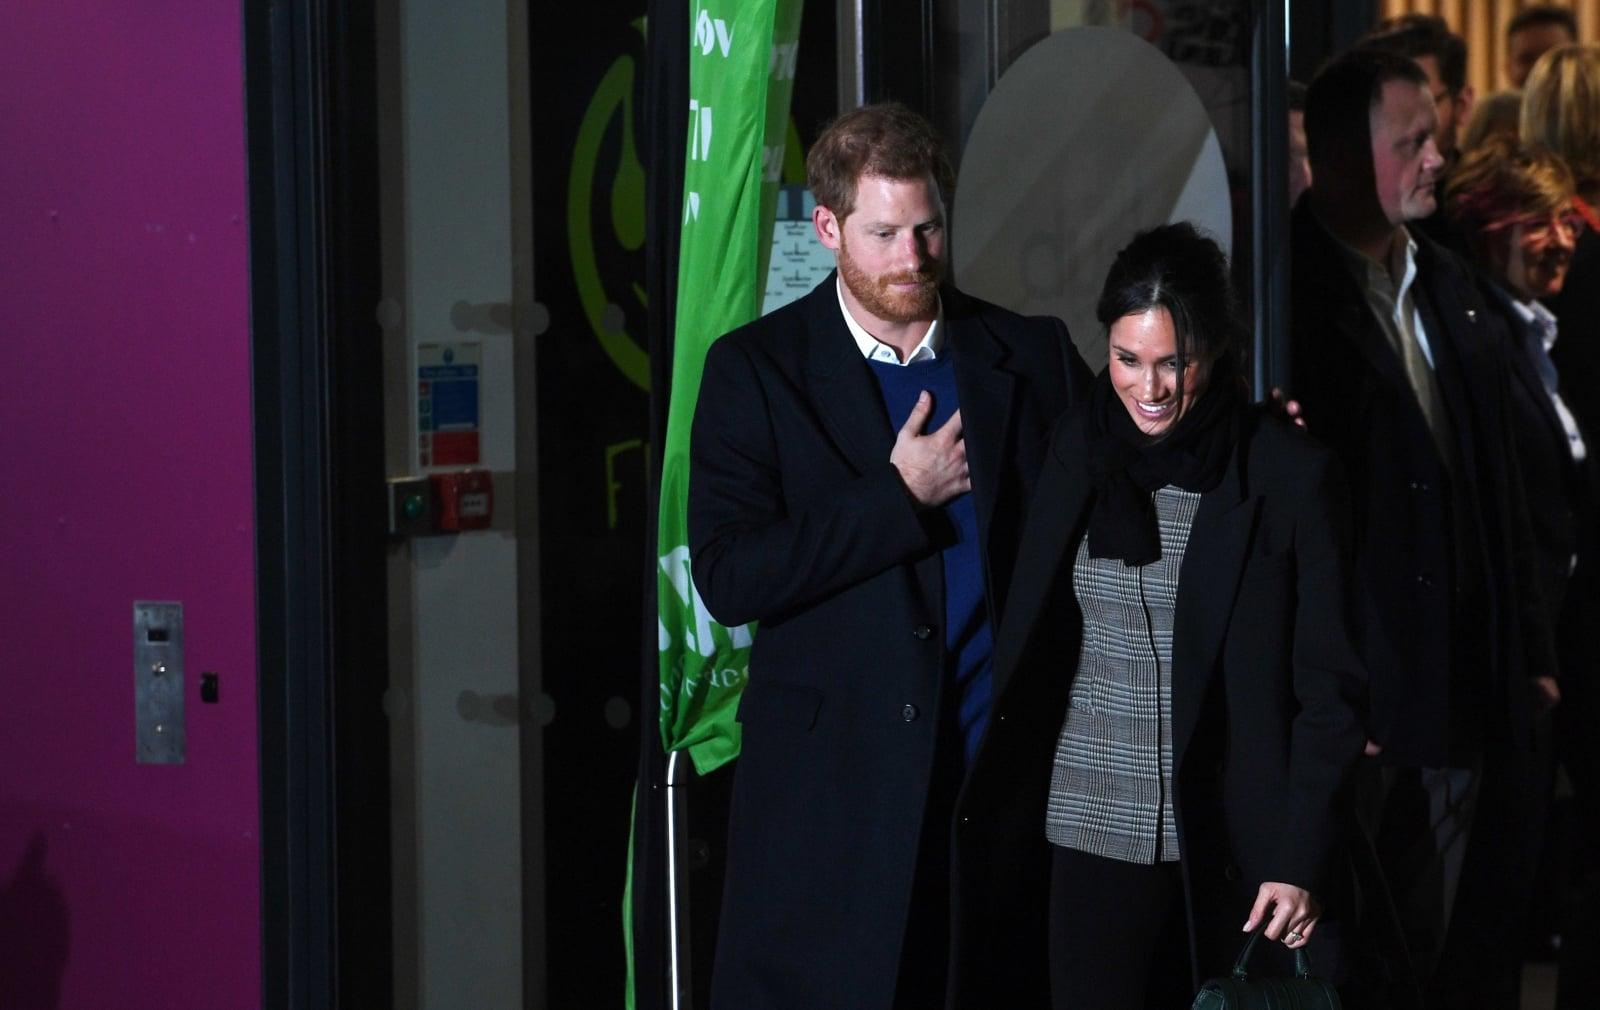 Brytyjski książę Harry i jego narzeczona Meghan Markle podczas ich pierwszej oficjalnej wizyty w Walii, Wielka Brytania, fot. EPA/FACUNDO ARRIZABALAGA